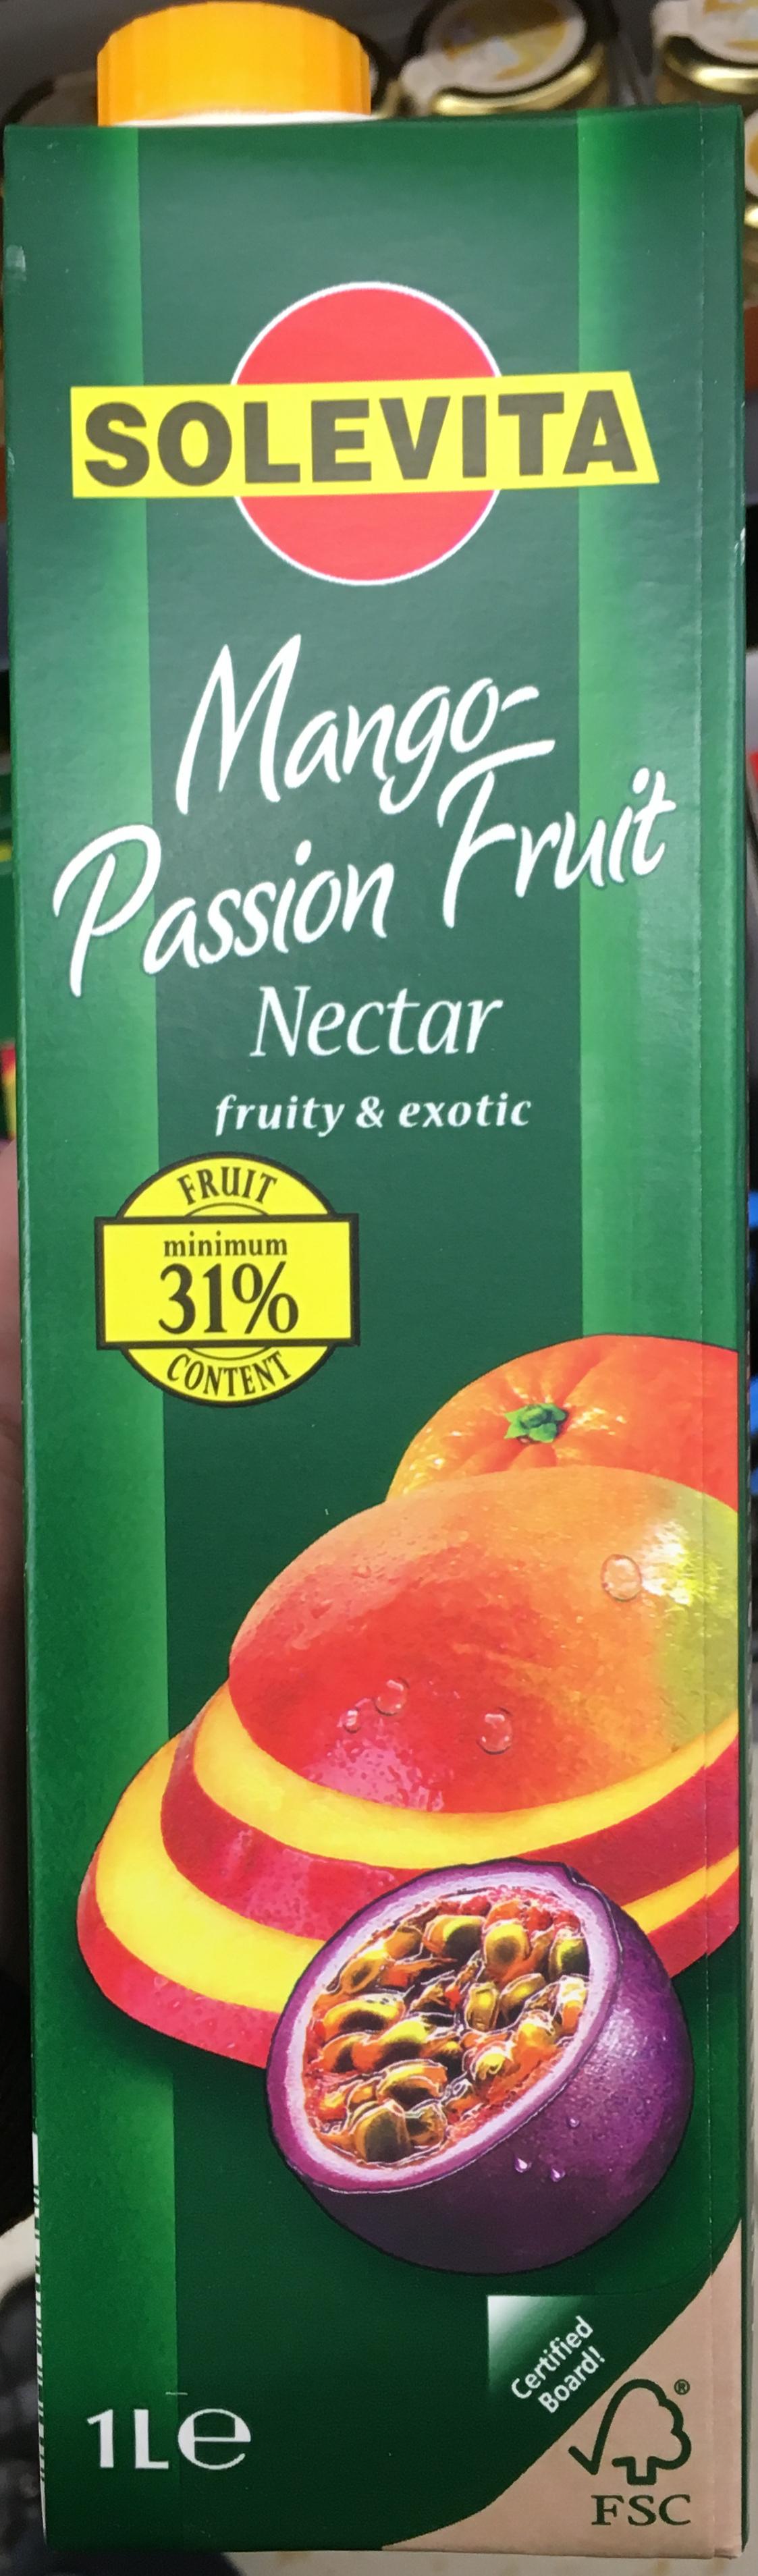 Nectar Mango- Passion Fruit - Product